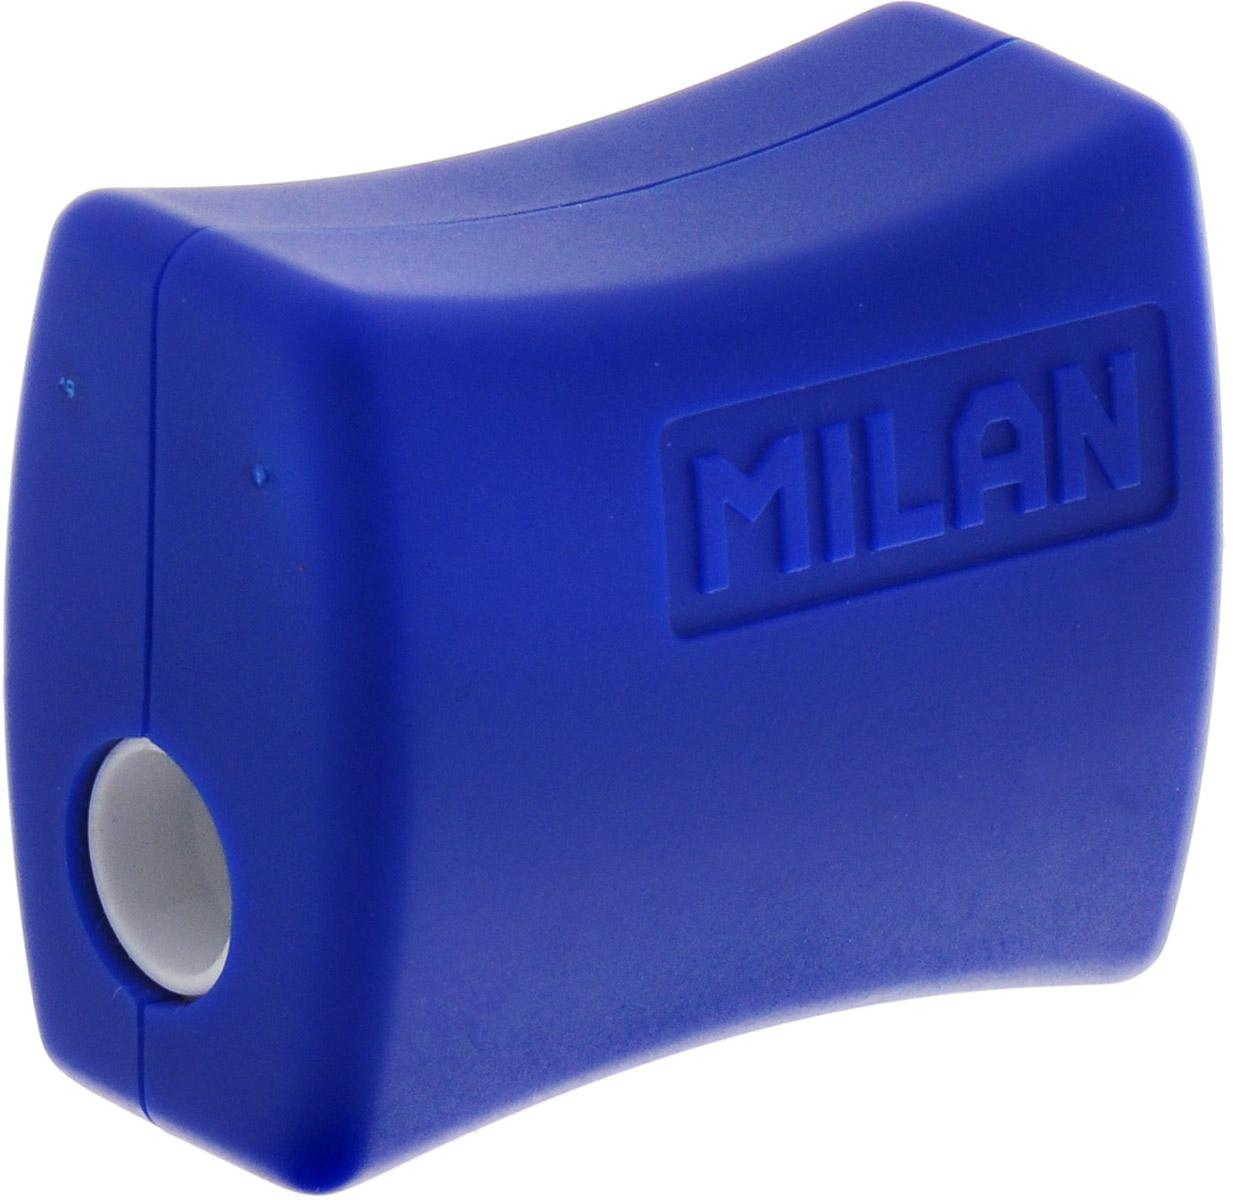 Milan Точилка Double с контейнером20152918Удобная точилка Milan Double с контейнером оснащена безопасной системой заточки.Эта система предотвращает отделение лезвия от точилки. Идеально подходит для использования в школах. Стальное лезвие острое и устойчиво к повреждению. Идеально подходит для заточки графитовых и цветных карандашей